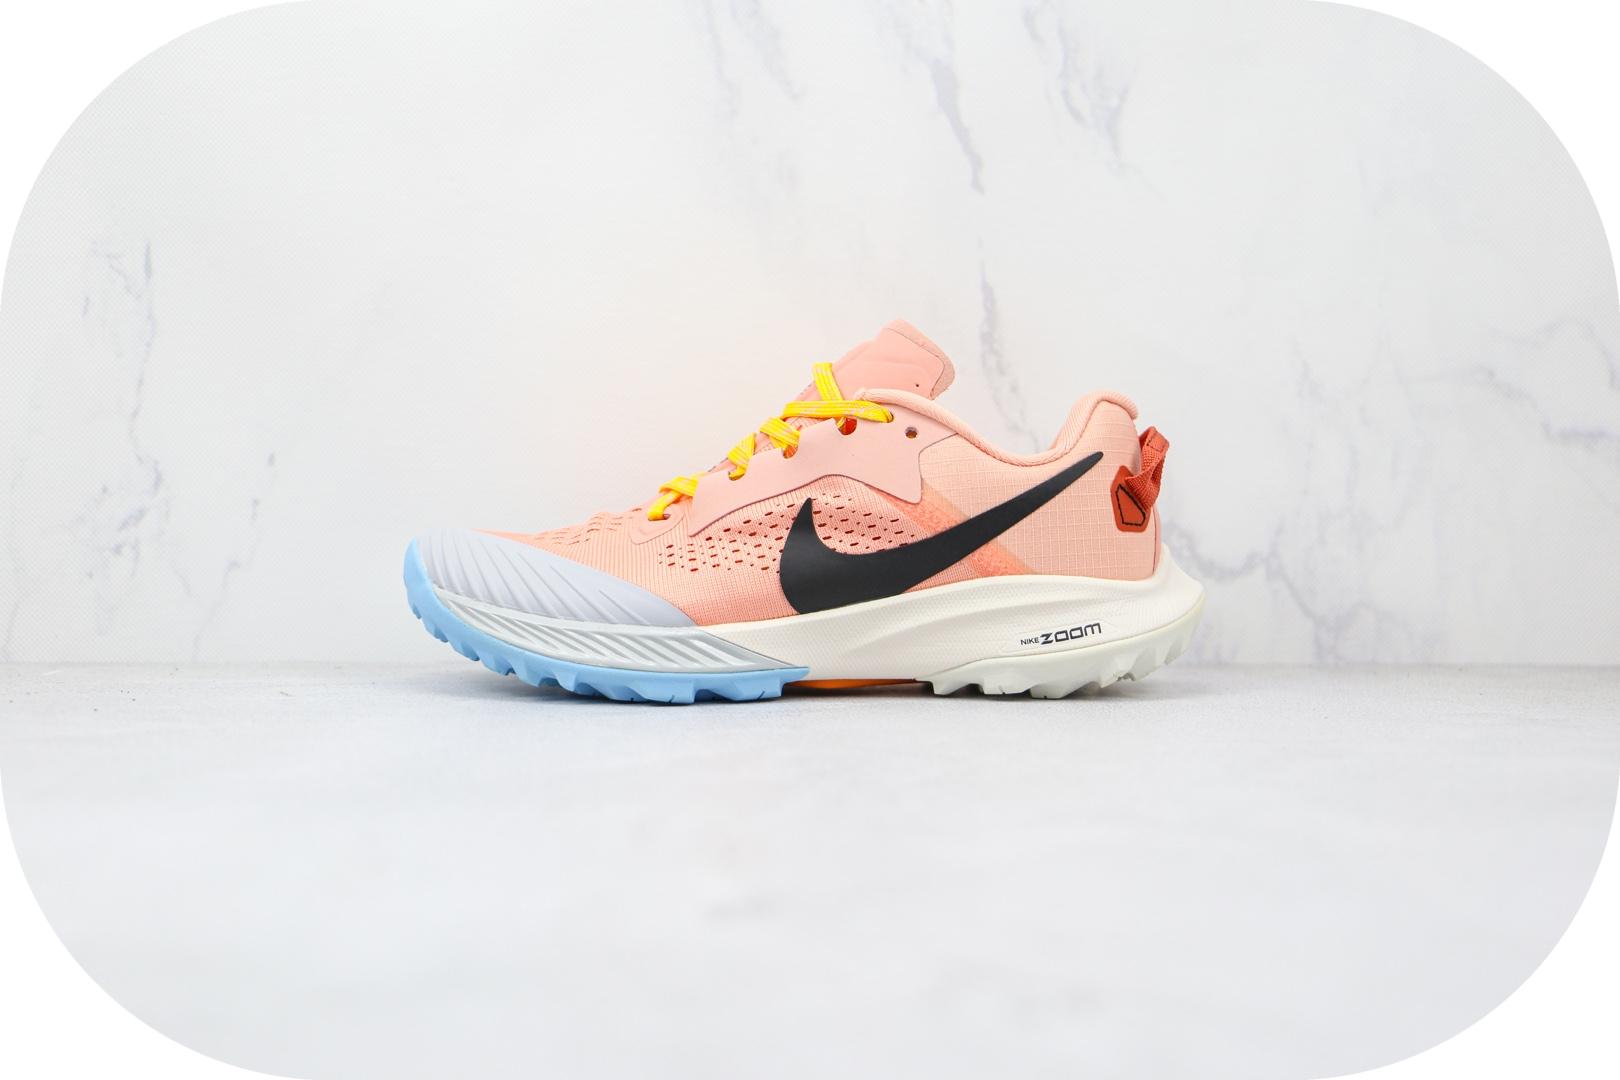 耐克Nike Air Zoom Terra Kiger 6纯原版本飞马6代征服荒野系列粉色跑鞋原盒原标 货号:CJ0220-600